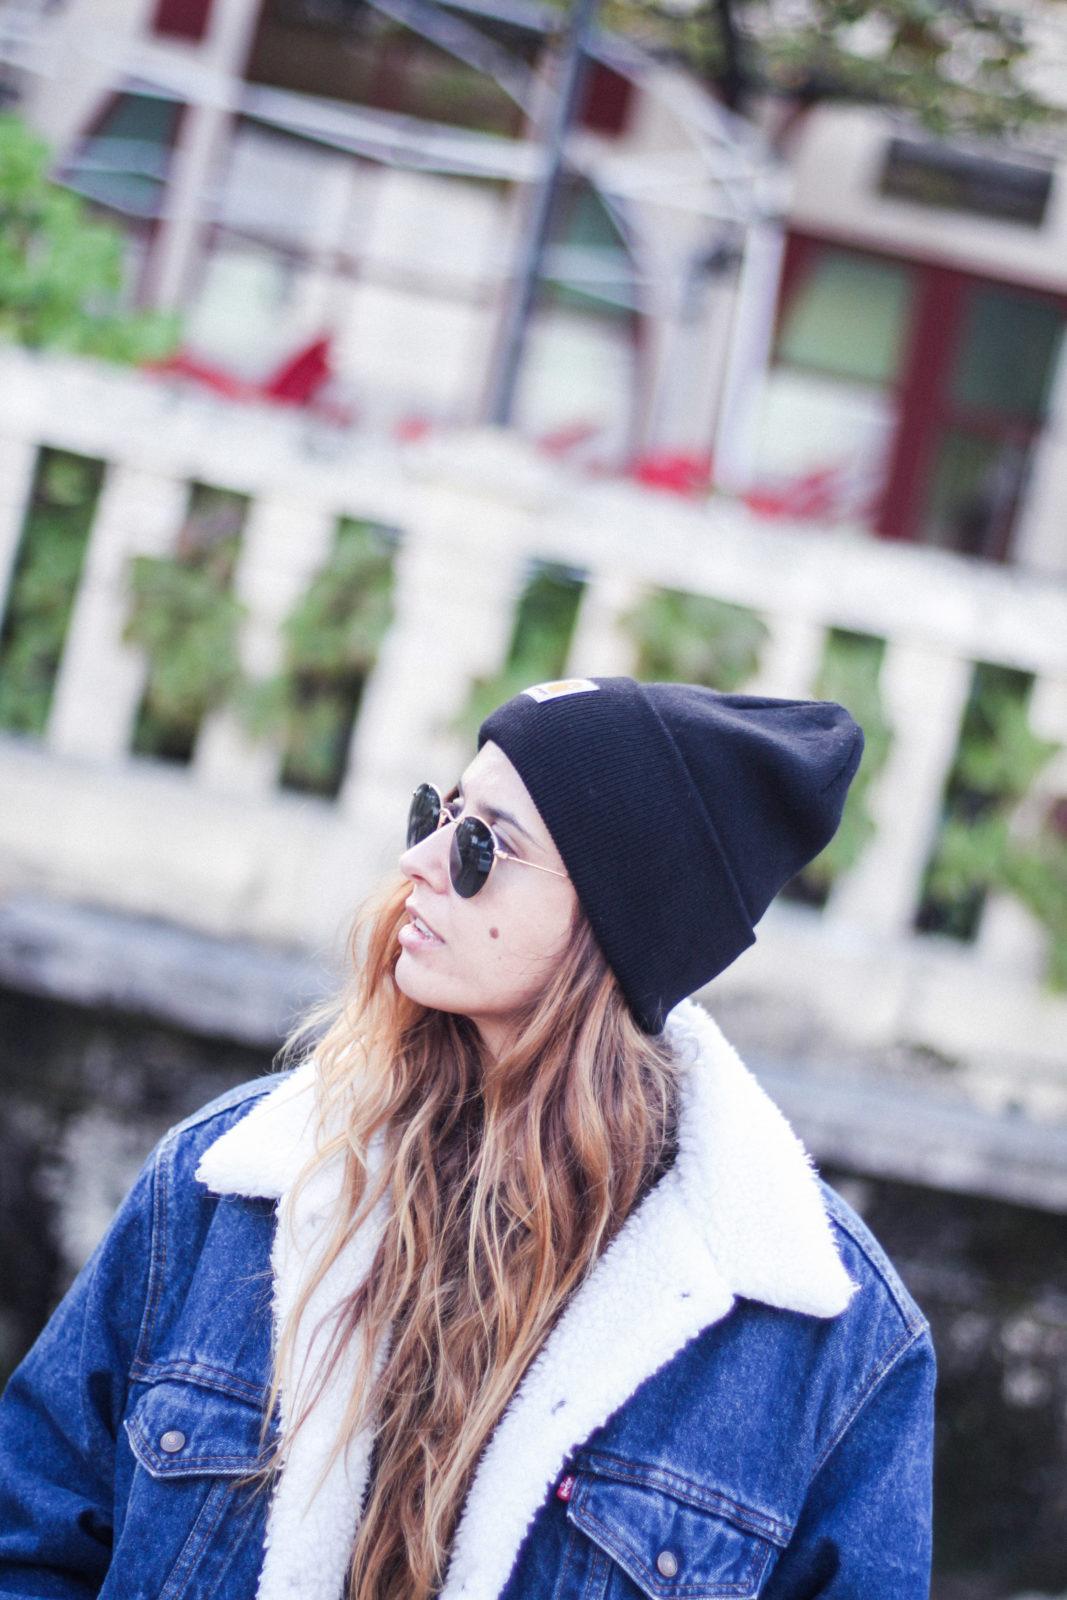 cazadora_vaquera_de_borreguillo_levis_vintage_golden_goose_gorrito_beanie_tendencias_2016_fall_trends_street_style_choker_donkeycool-45